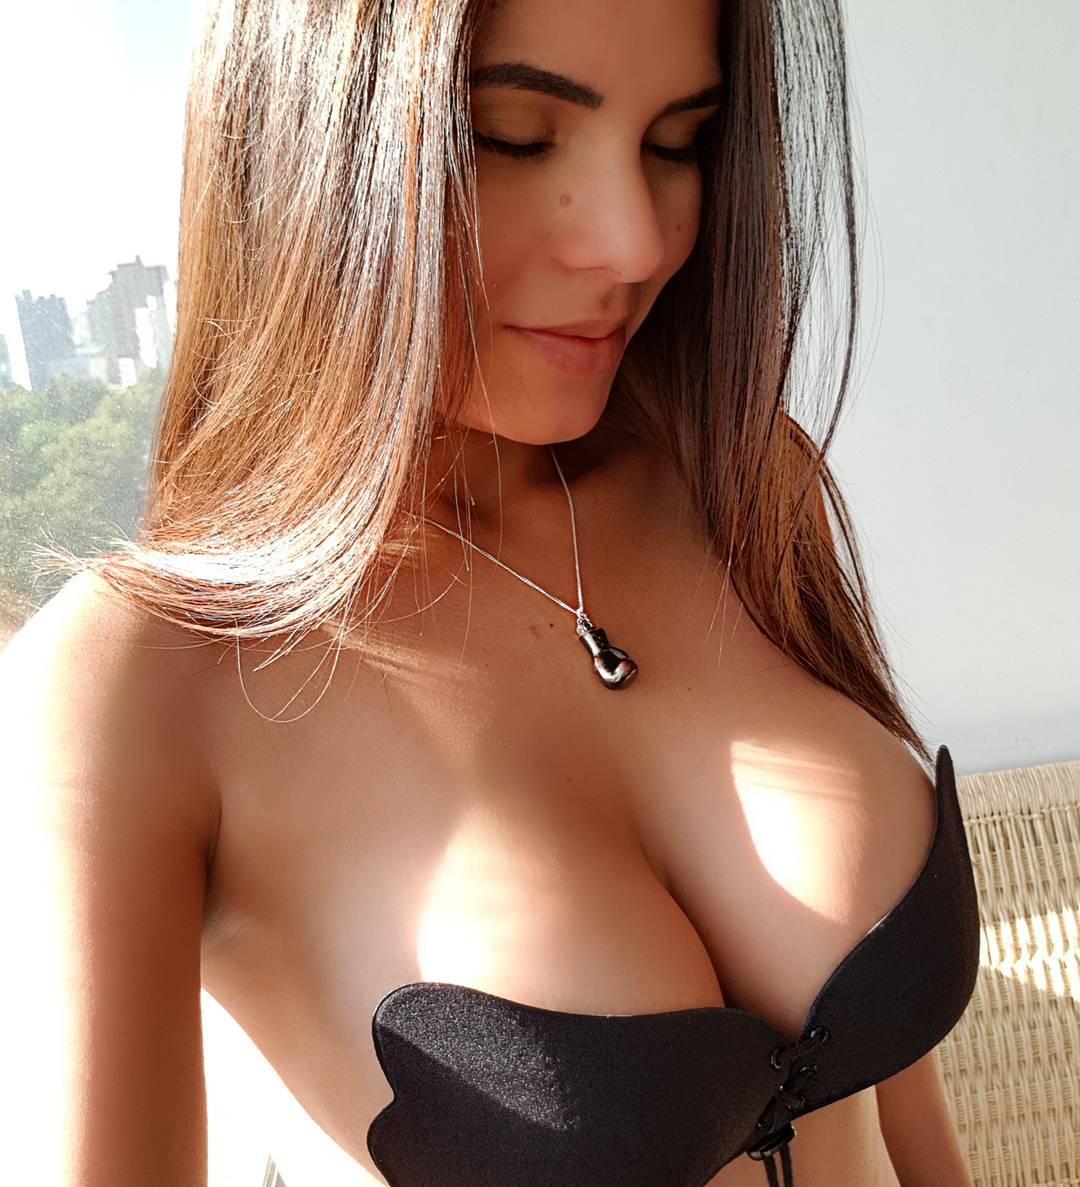 Ania Porn ania gadea porn pic - eporner